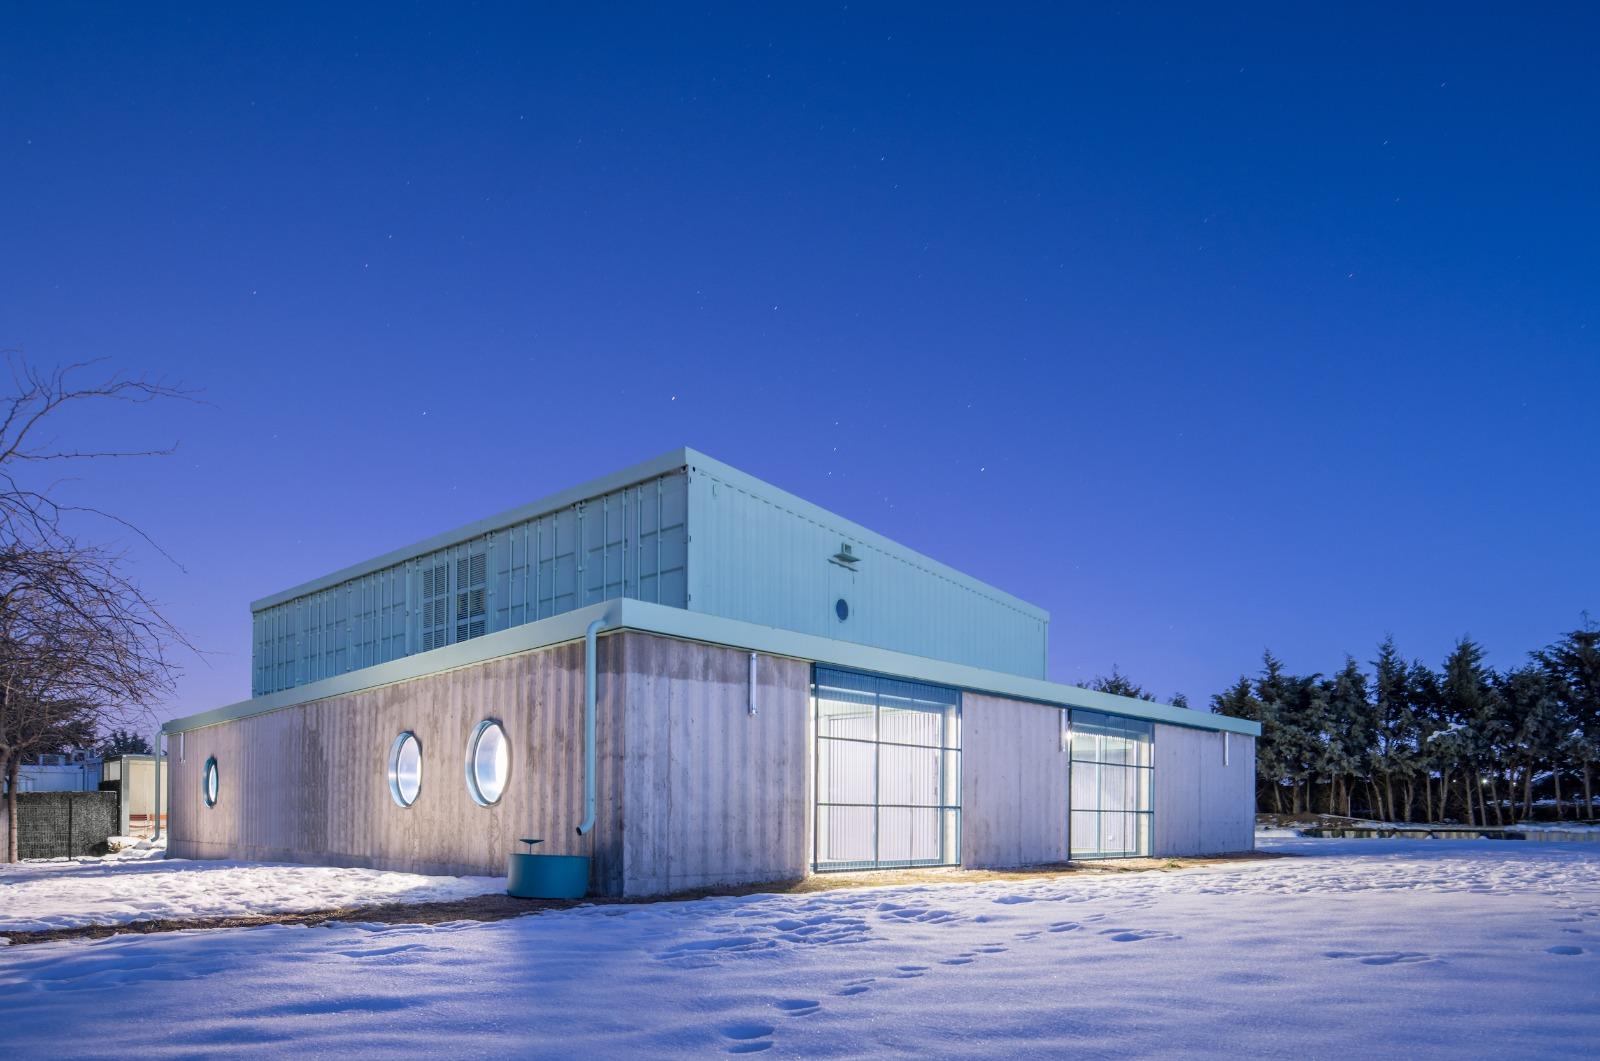 La Caja Verde (¡el edificio, no este blog!) premio MATCOAM 2021 en Innovación